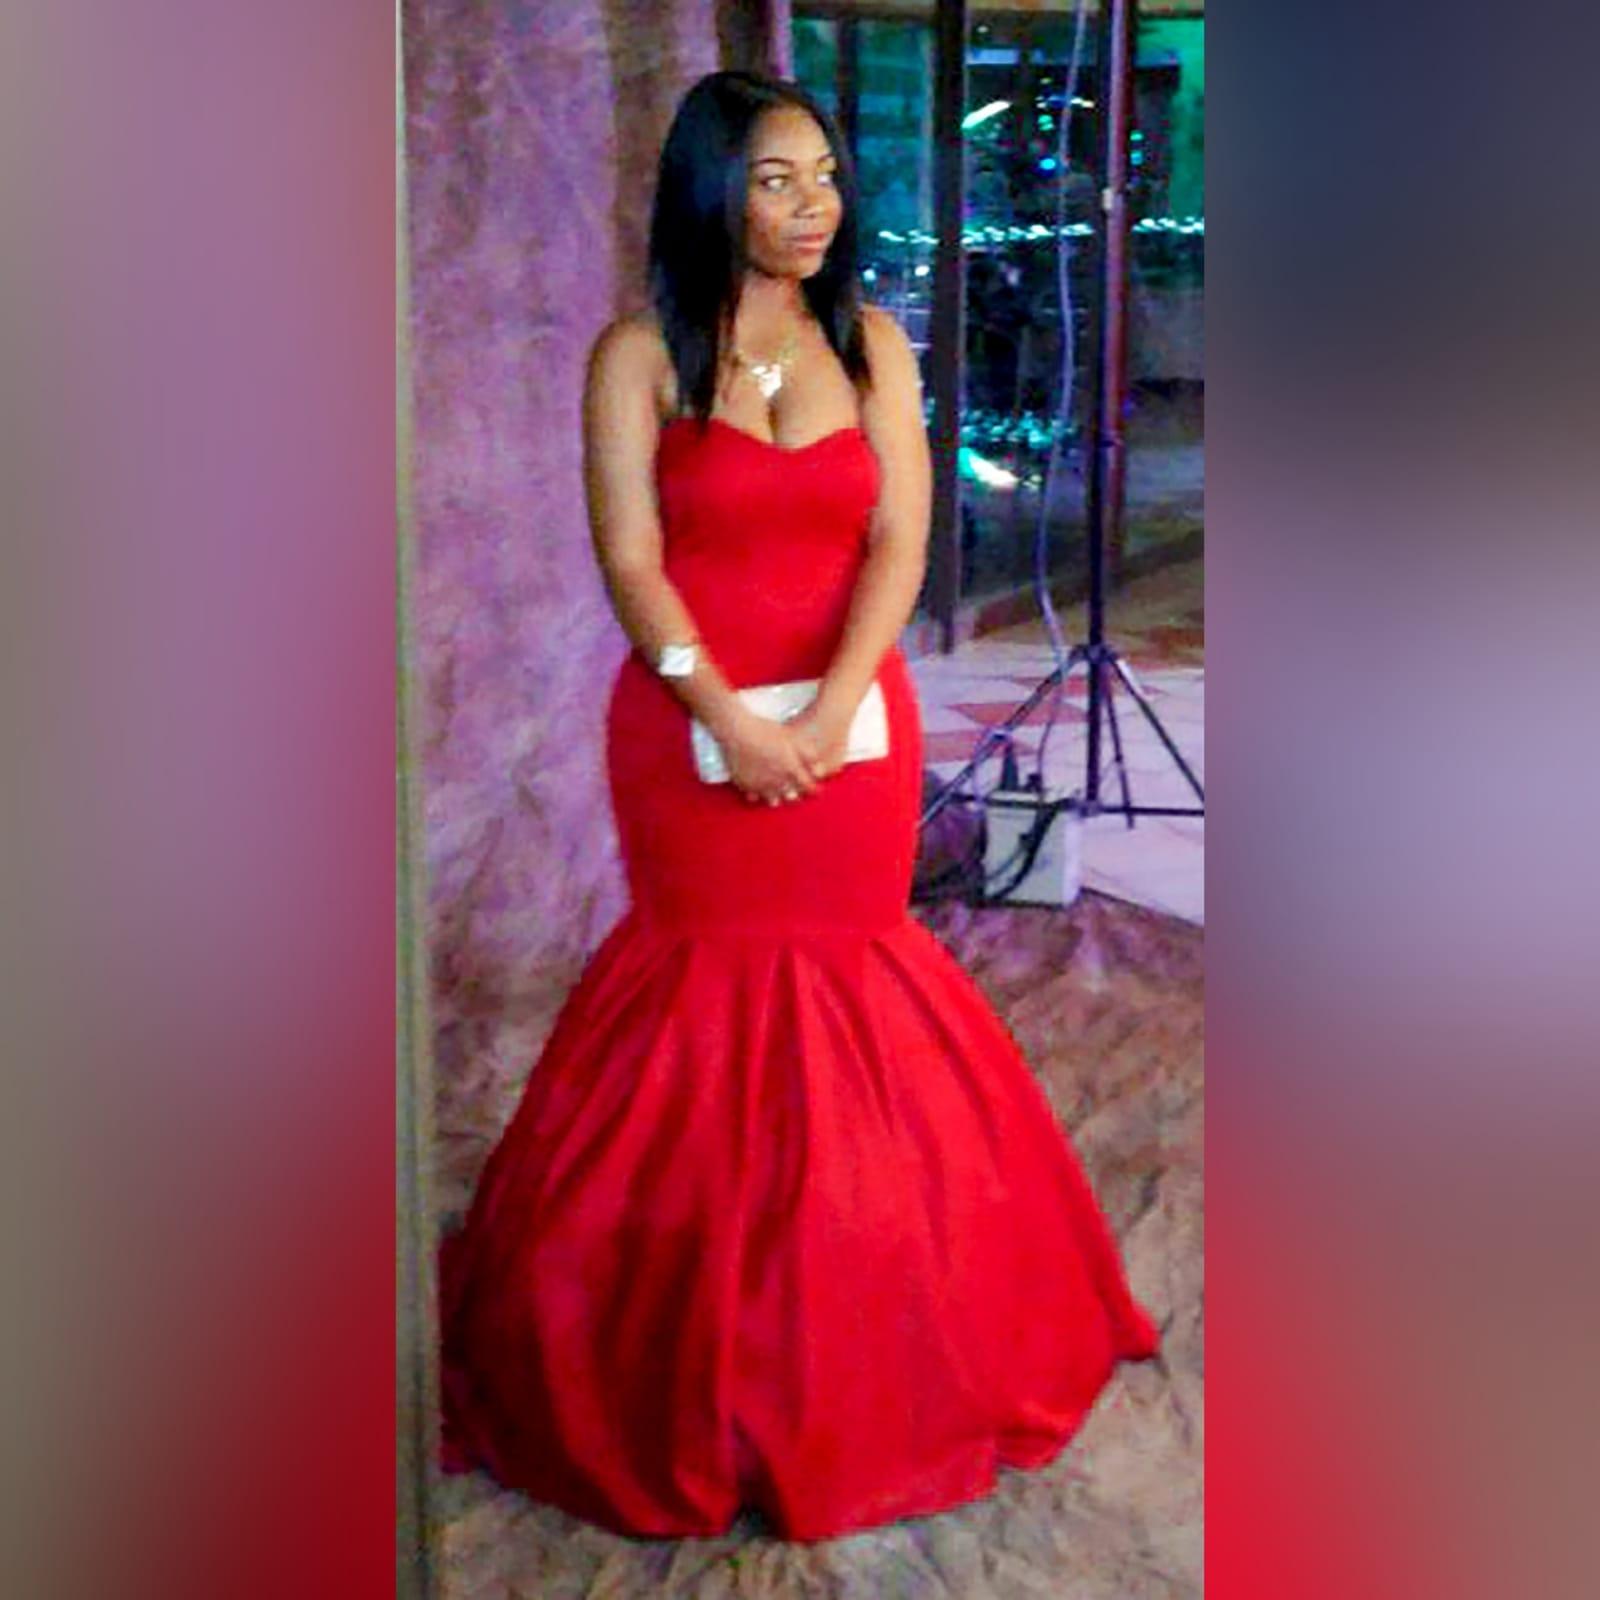 Vestido caicai sereia vermelho de finalistas 1 vestido caicai sereia vermelho de finalistas com um decote coração e fundo com volume e uma cauda